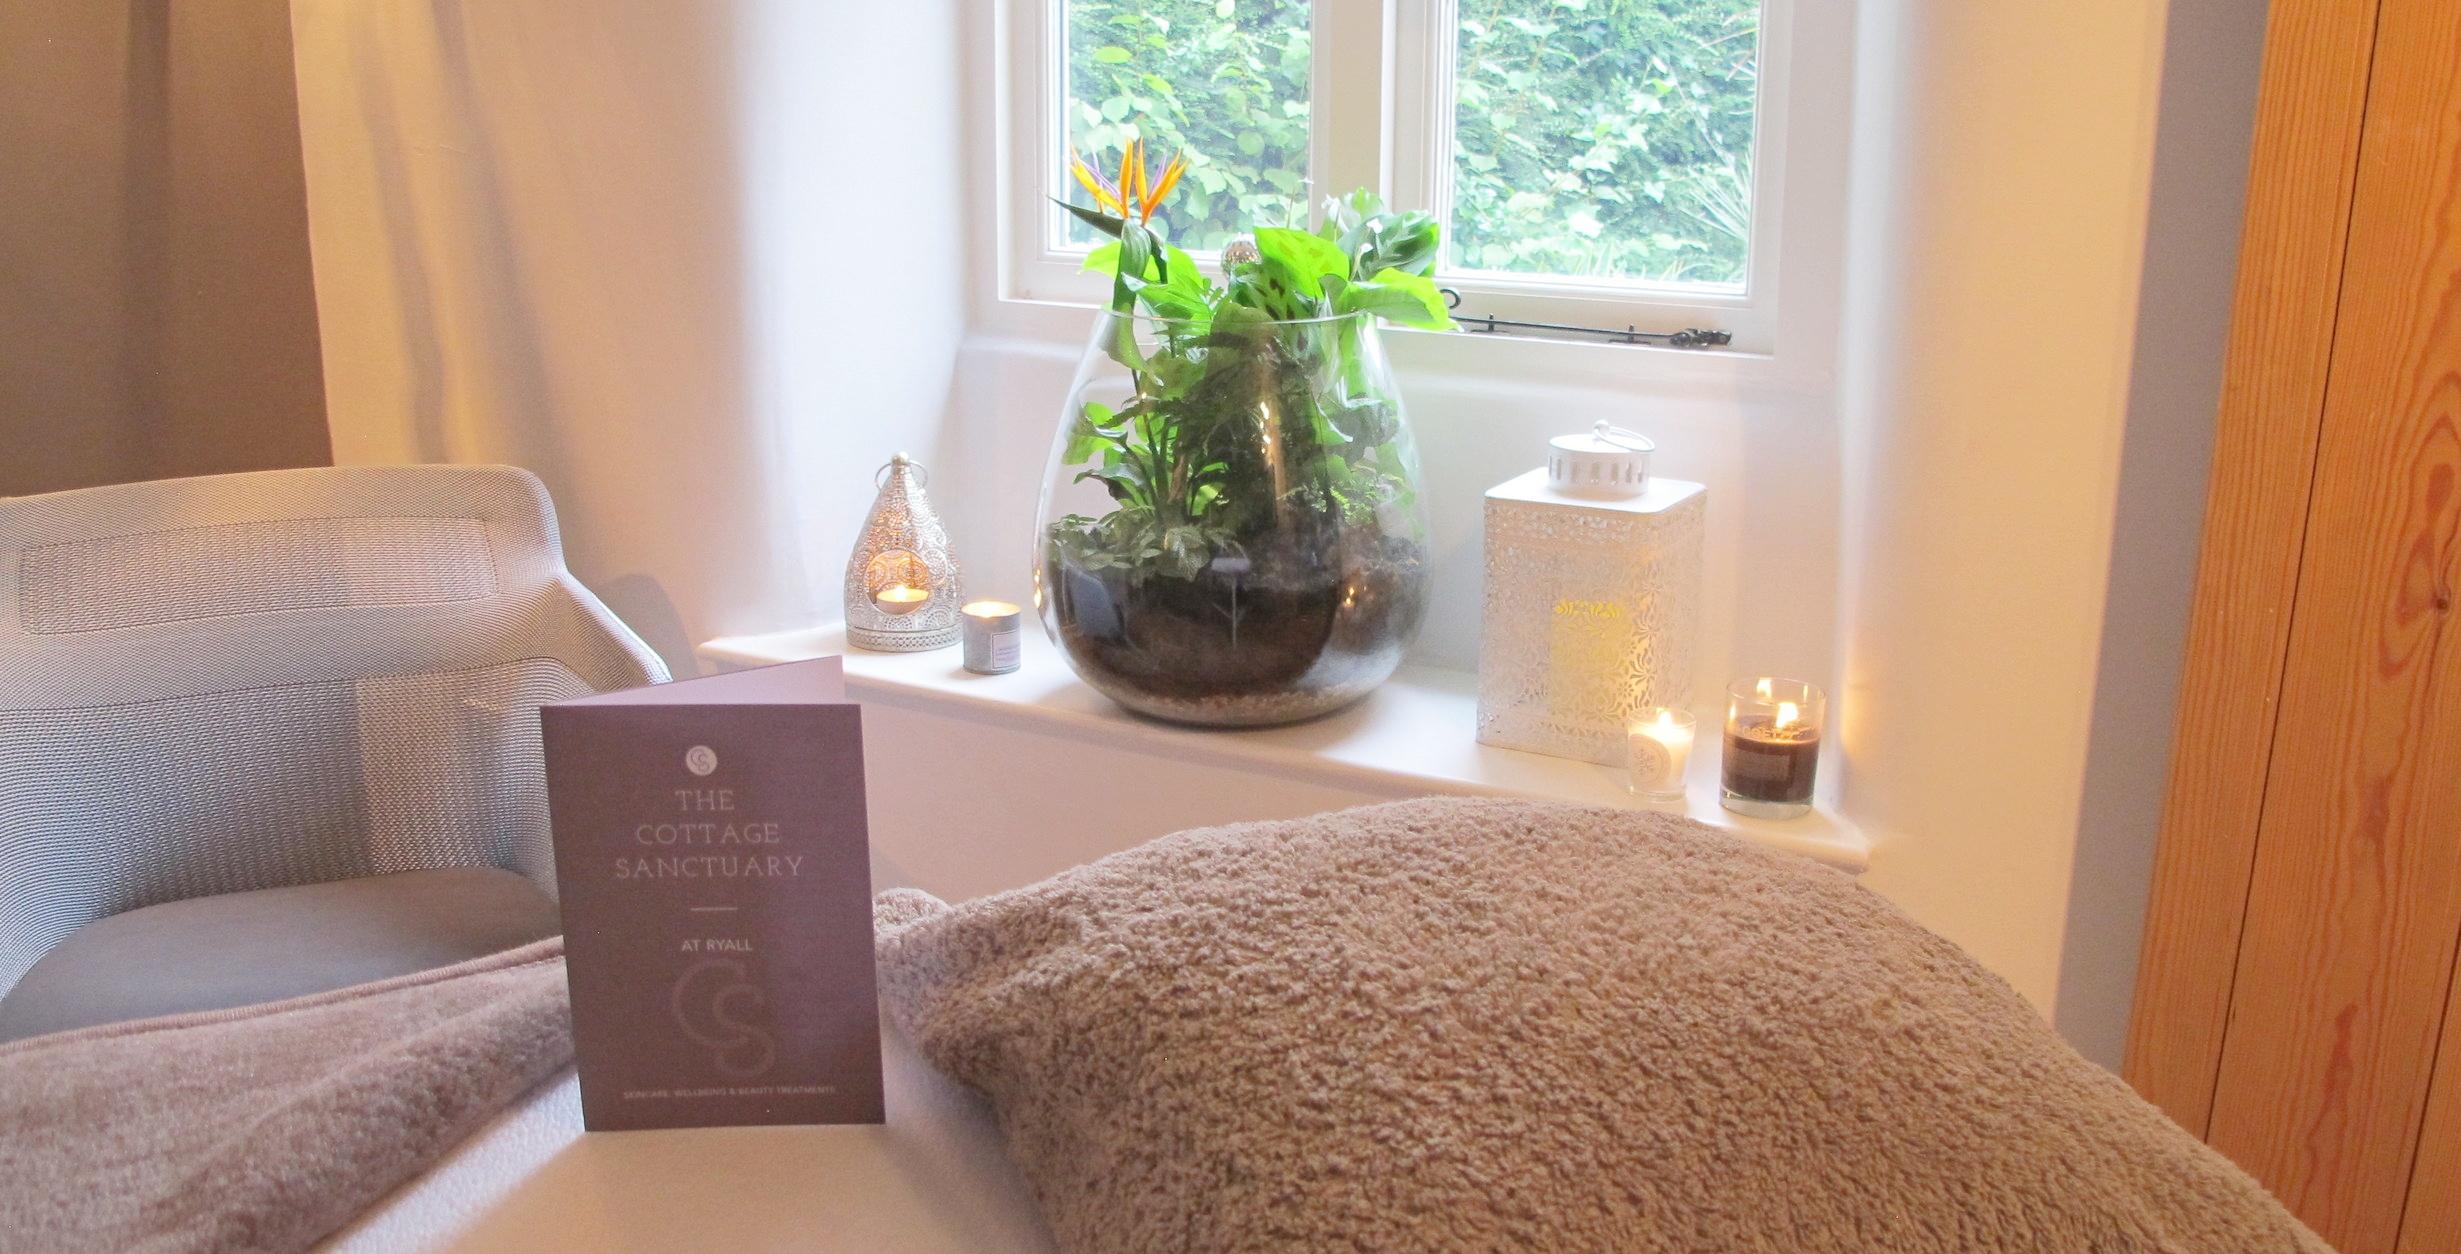 Cottage-Sanctuary-treatment-room